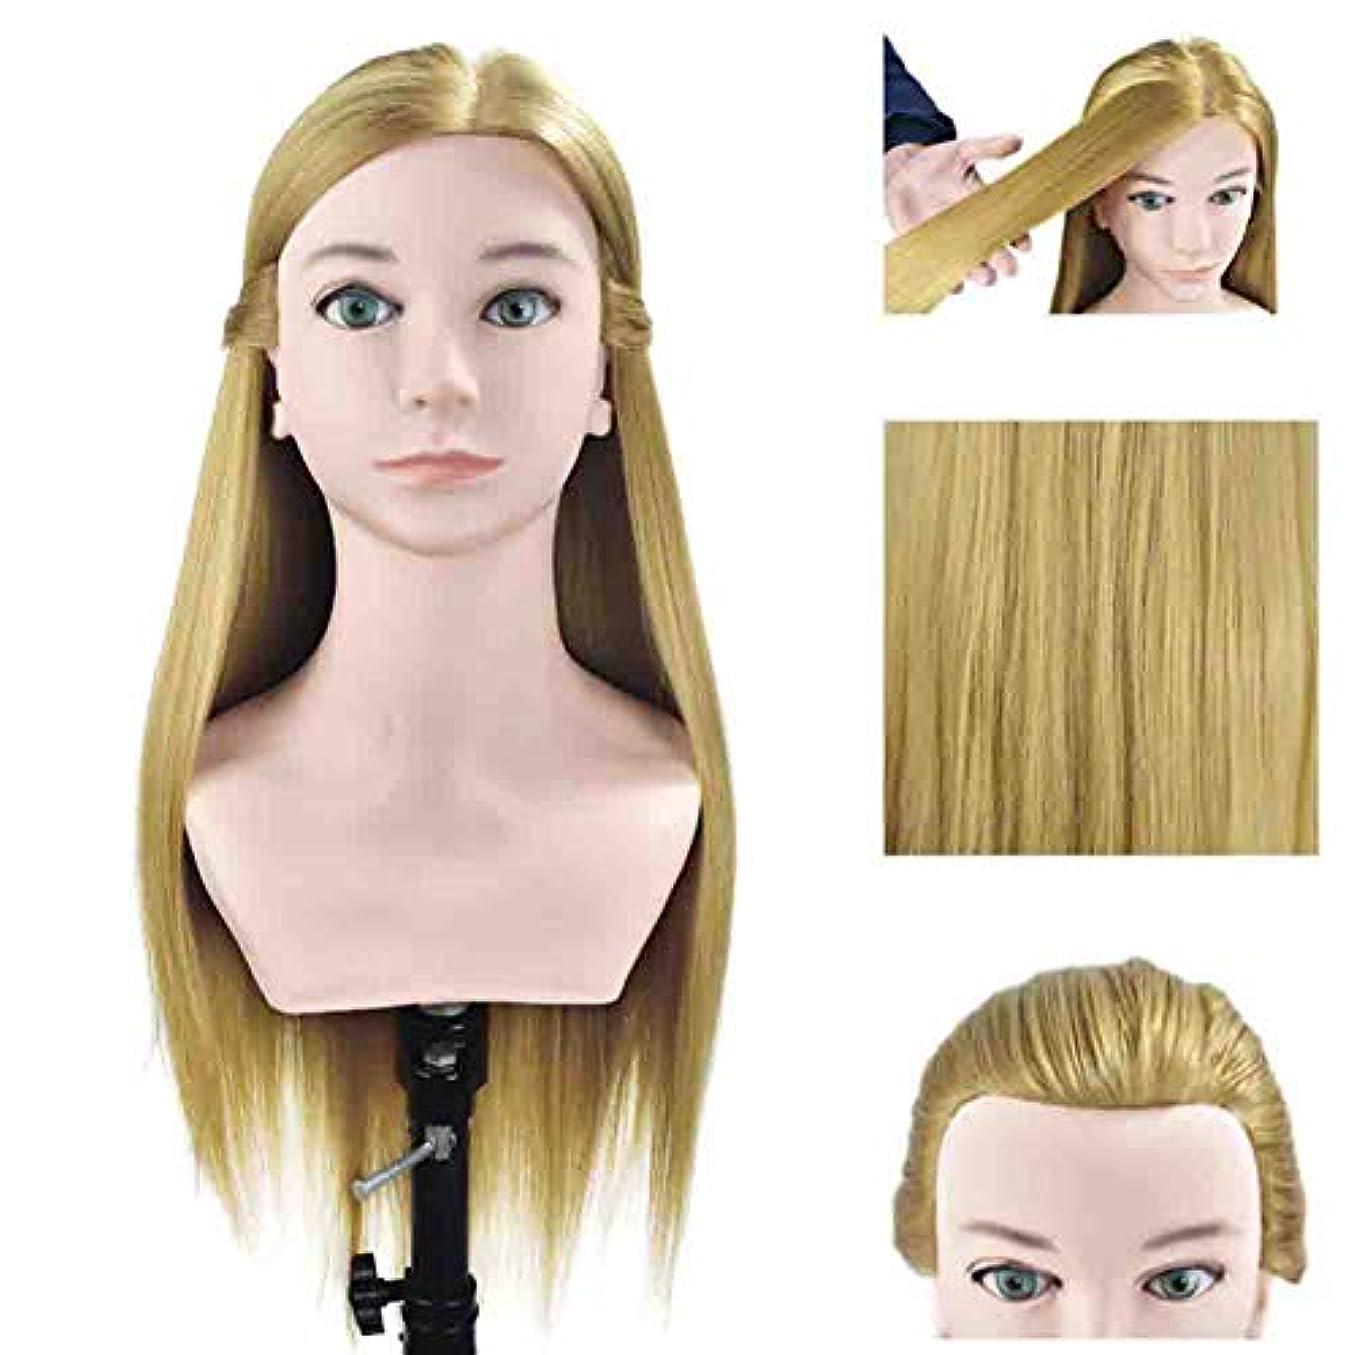 鳴り響く不快なモック理髪店パーマ髪染め練習かつらヘッドモデルリアルヘアマネキンヘッド化粧散髪練習ダミーヘッド